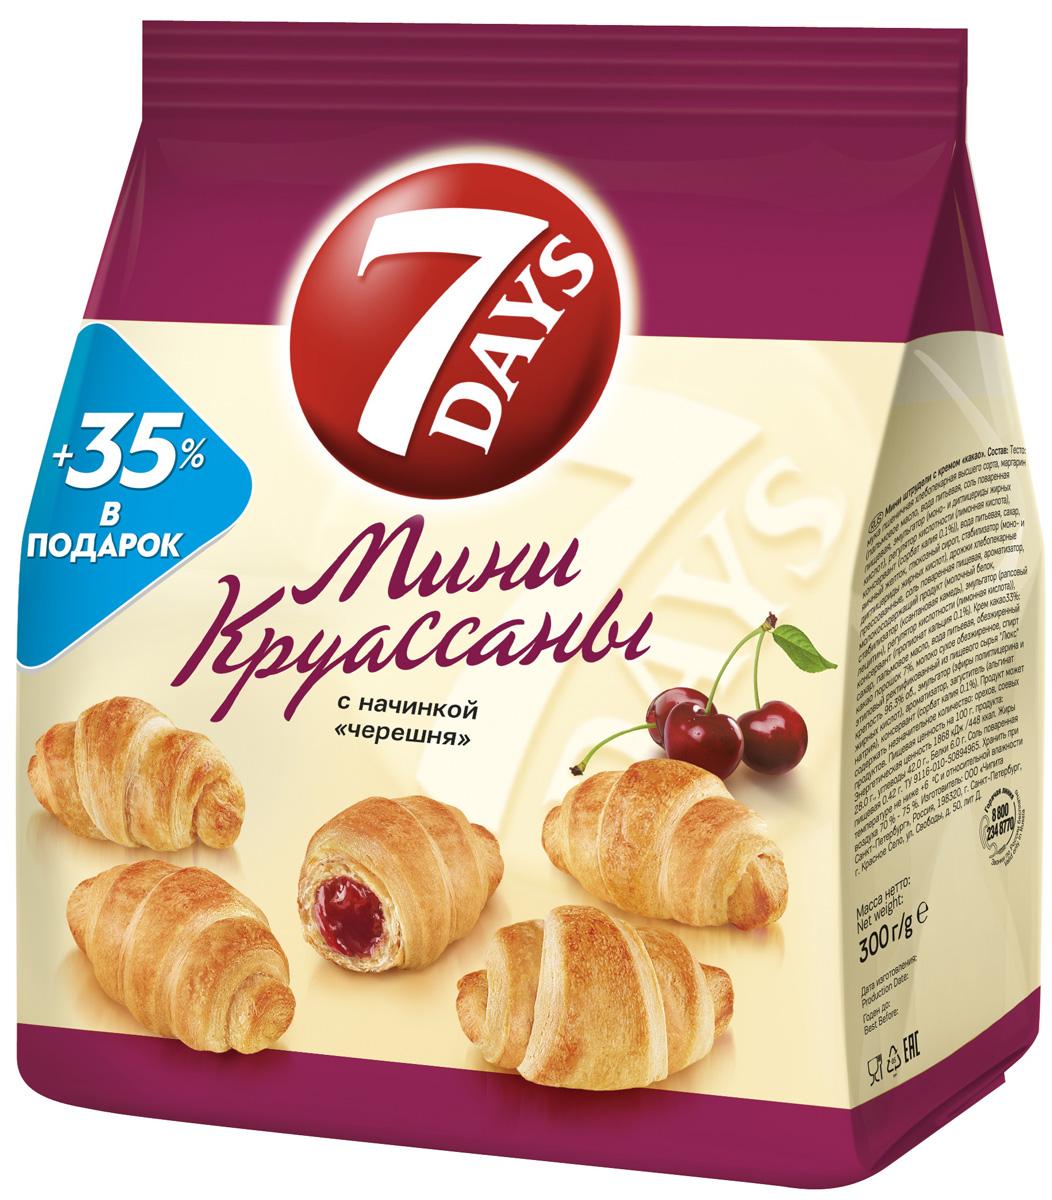 7DAYS Мини-круассаны с начинкой Черешня, 300 г57952Круассаны 7DAYS - готовая к употреблению выпечка из нежного теста с восхитительными кремовыми и джемовыми начинками.Мини-круассаны - это много маленьких вкусных круассанов в одной упаковке. Прекрасно сочетаются с чаем и кофе, идеально подходят для того, чтобы разделить их с близкими. Превосходный выбор снэка для потребления дома и на ходу.